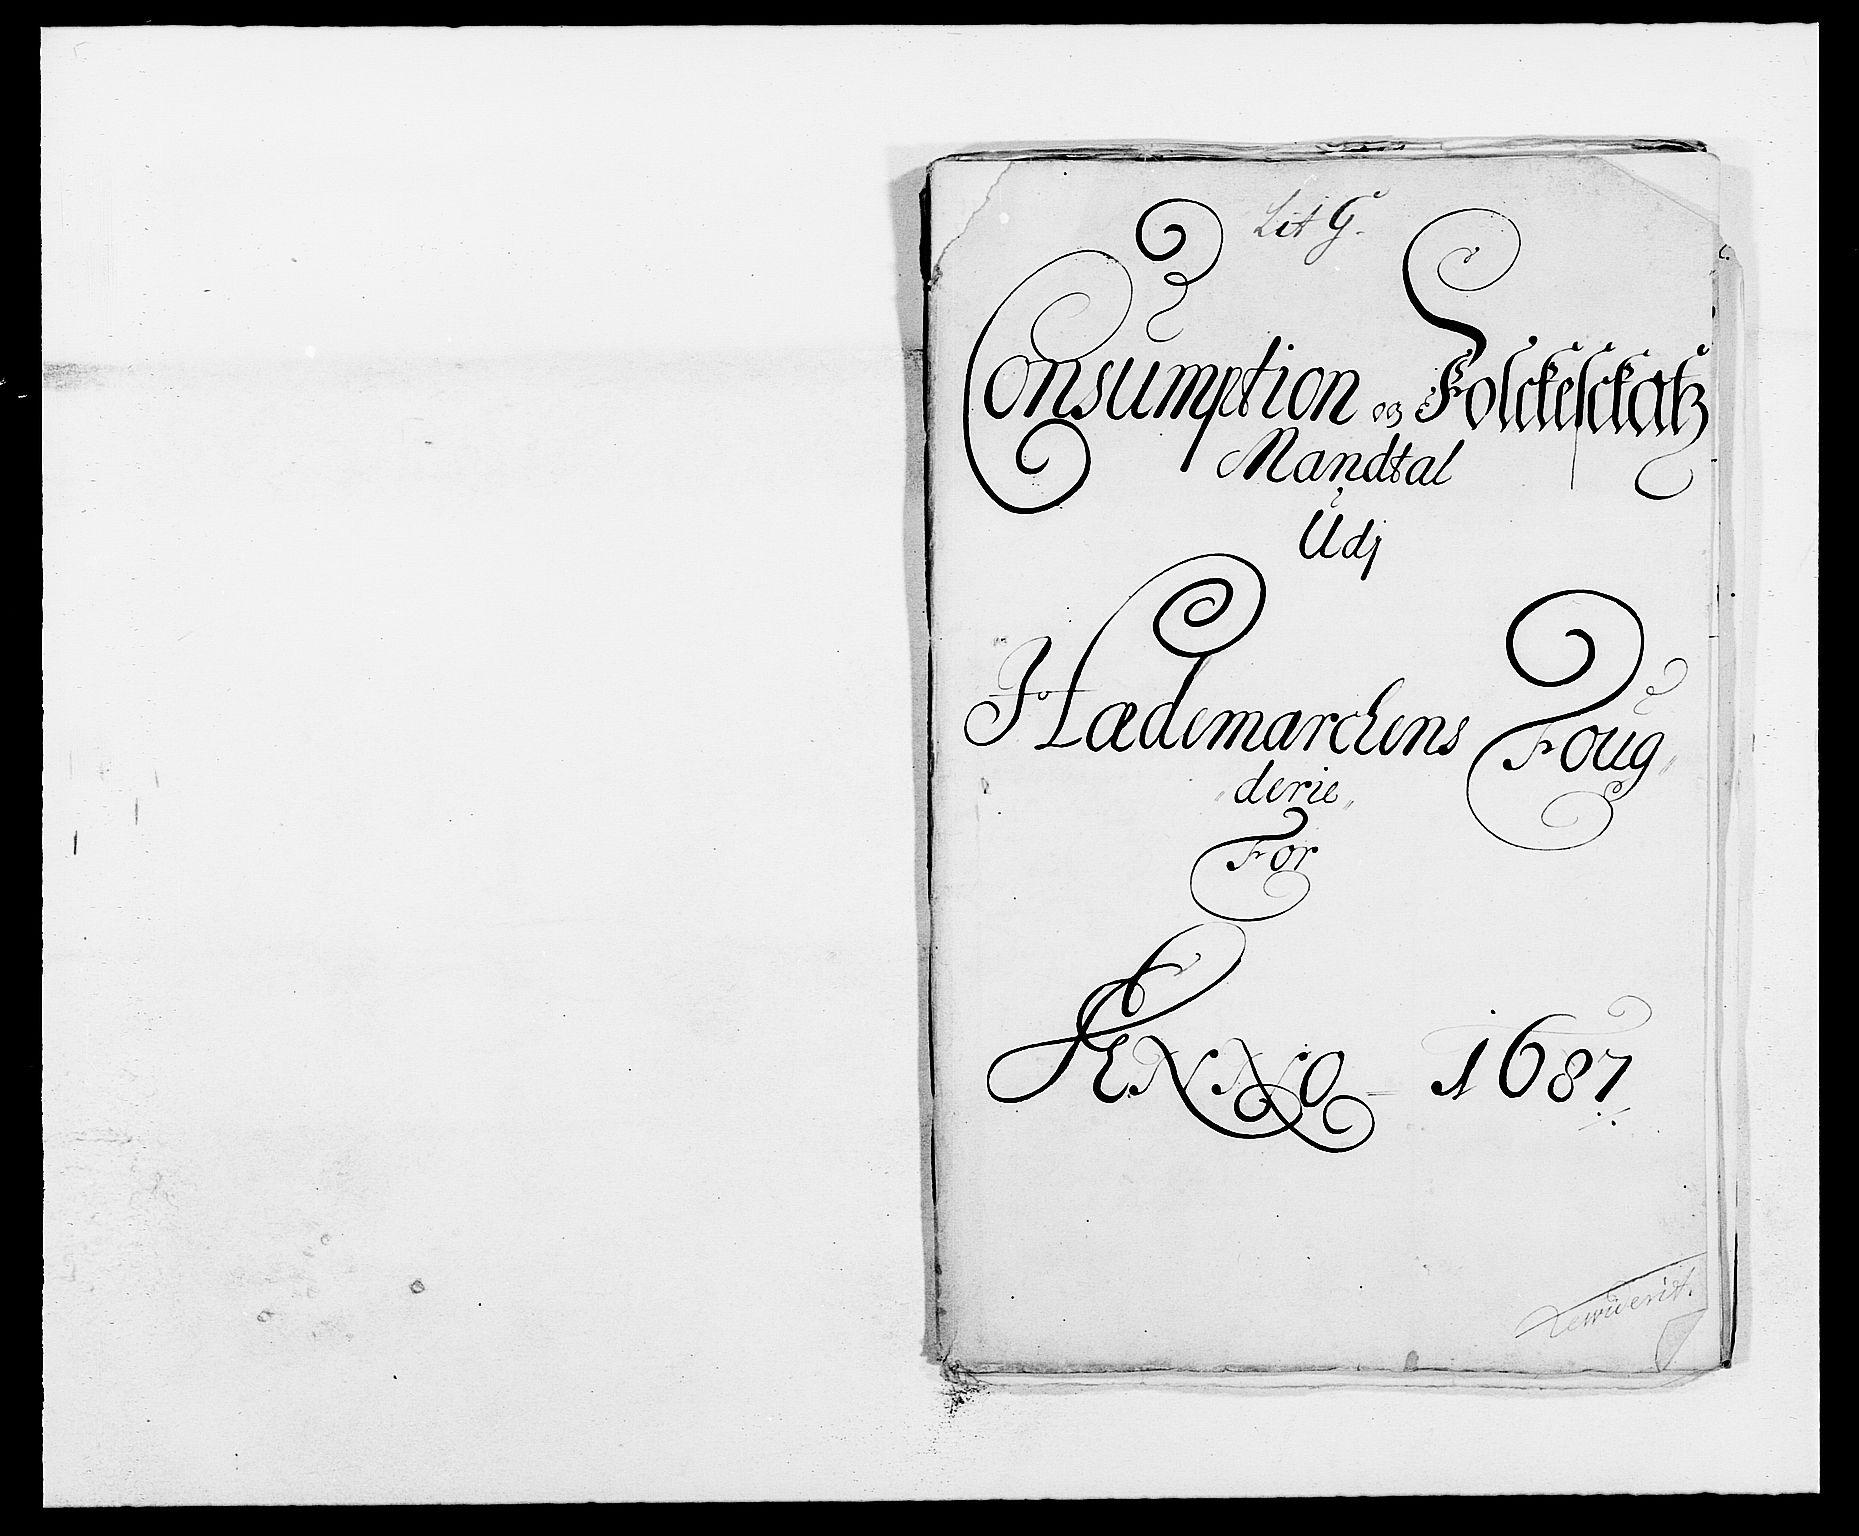 RA, Rentekammeret inntil 1814, Reviderte regnskaper, Fogderegnskap, R16/L1028: Fogderegnskap Hedmark, 1687, s. 110